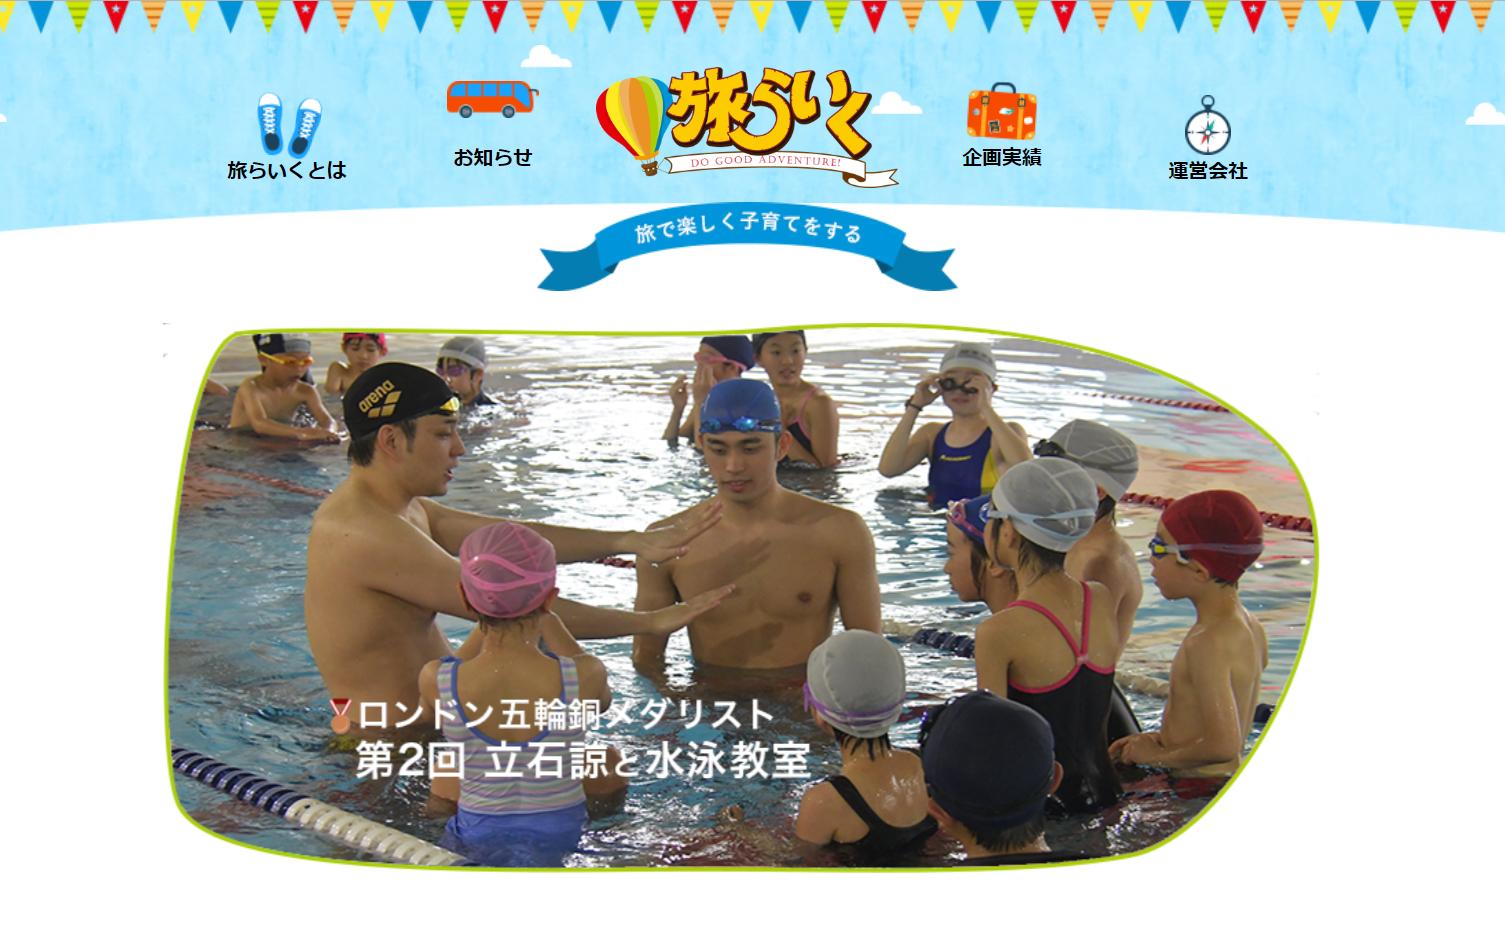 「旅らいく」ホームページに 「第2回 ロンドン五輪銅メダリスト立石諒と水泳教室」を公開しました。